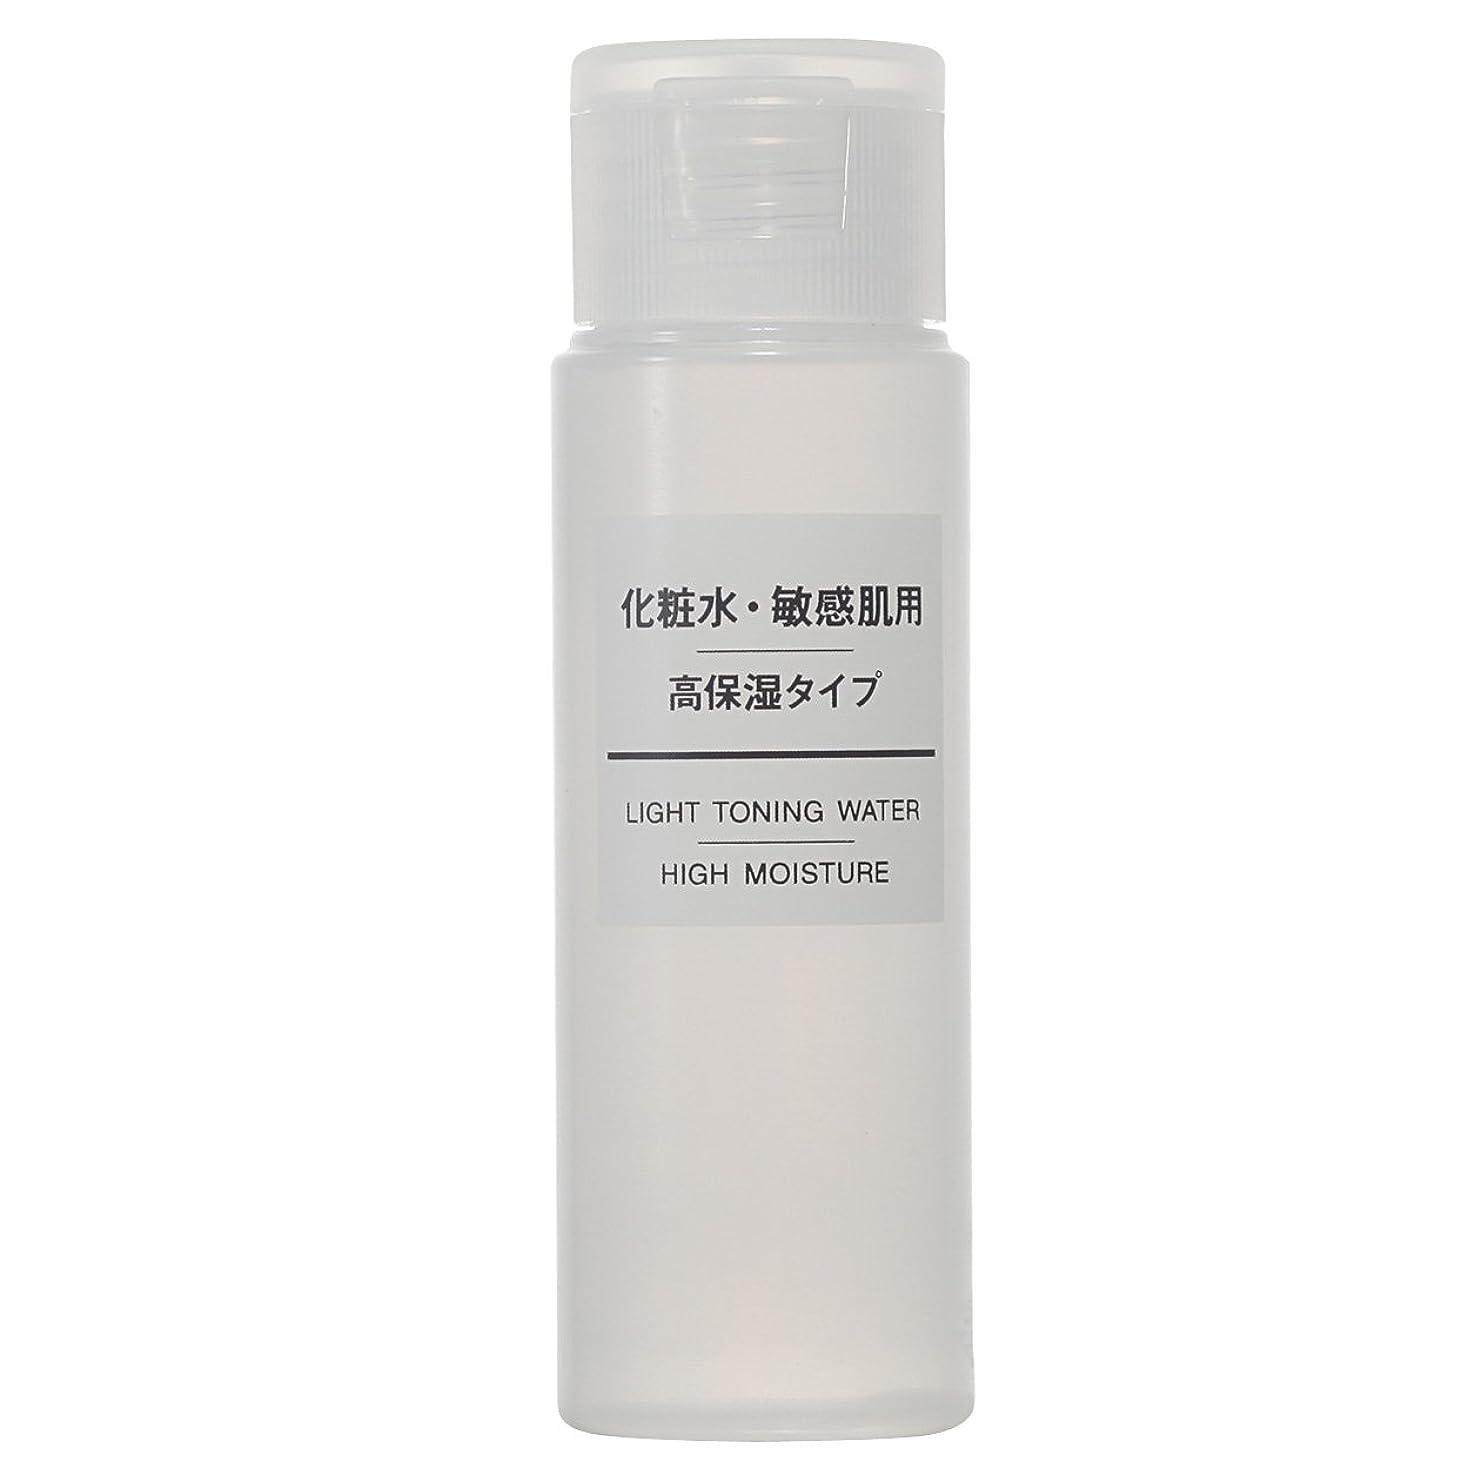 保存全能耐えられる無印良品 化粧水 敏感肌用 高保湿タイプ(携帯用) 50ml